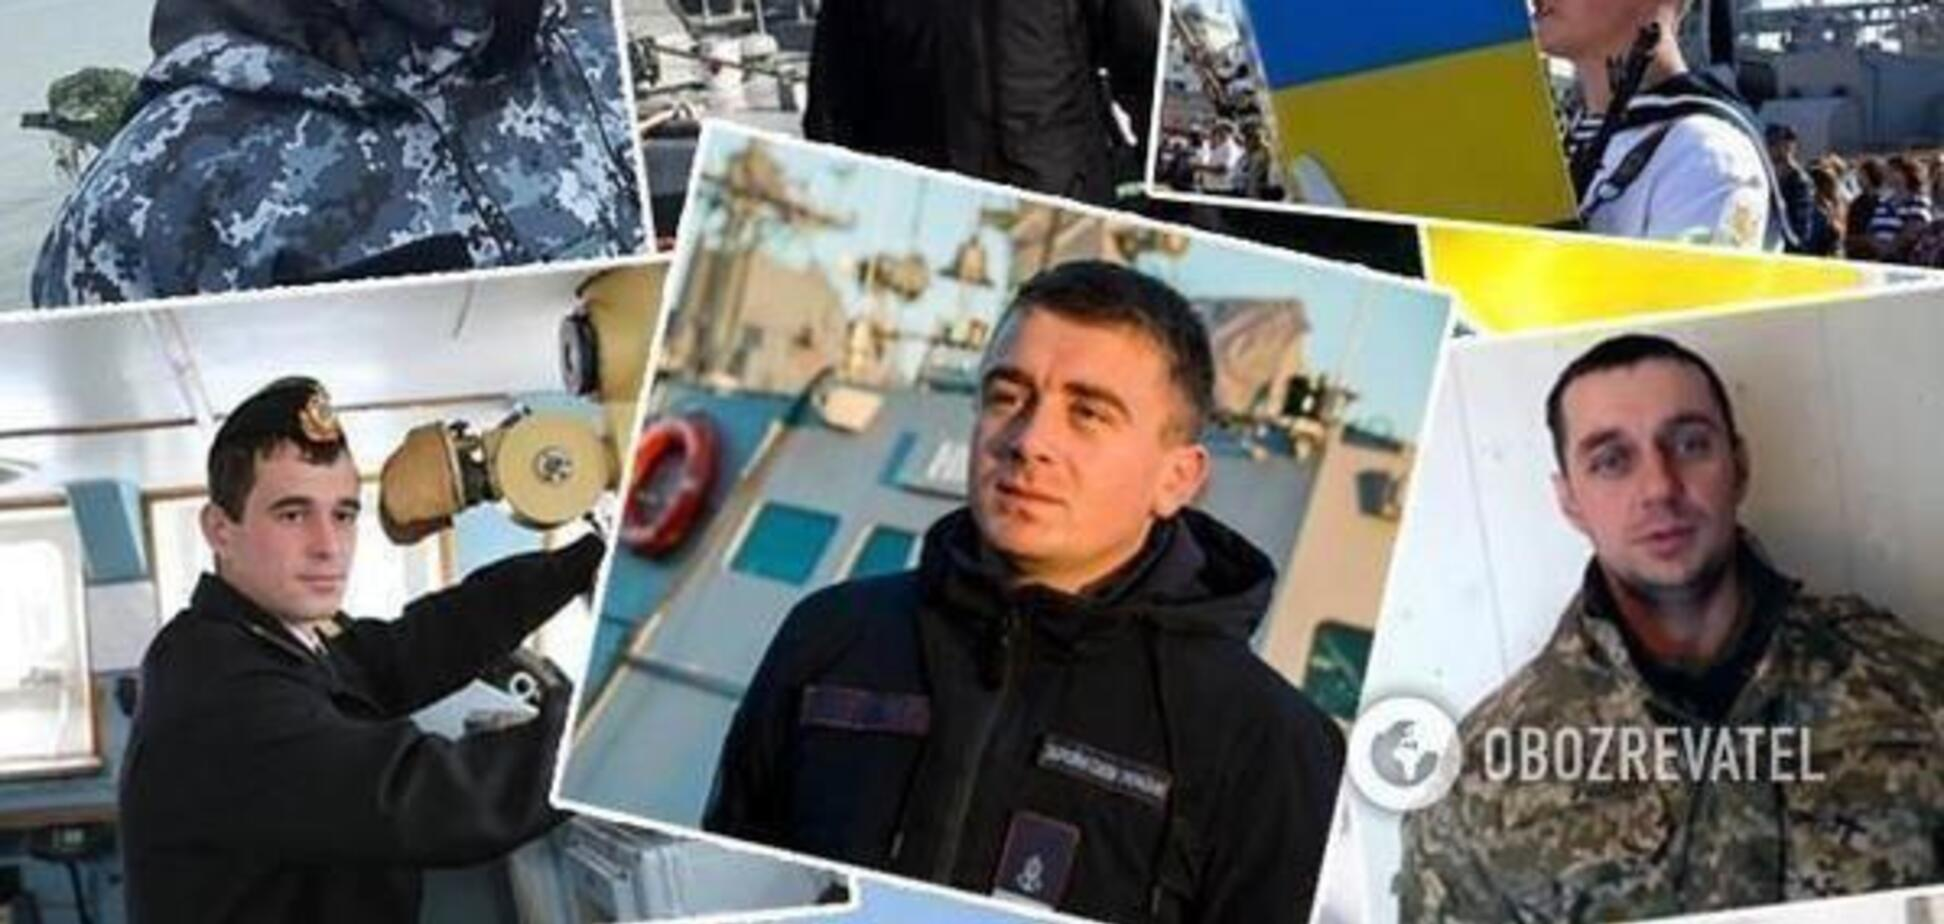 Маразм міцнішав: у Путіна запропонували обміняти українських моряків на Порошенка